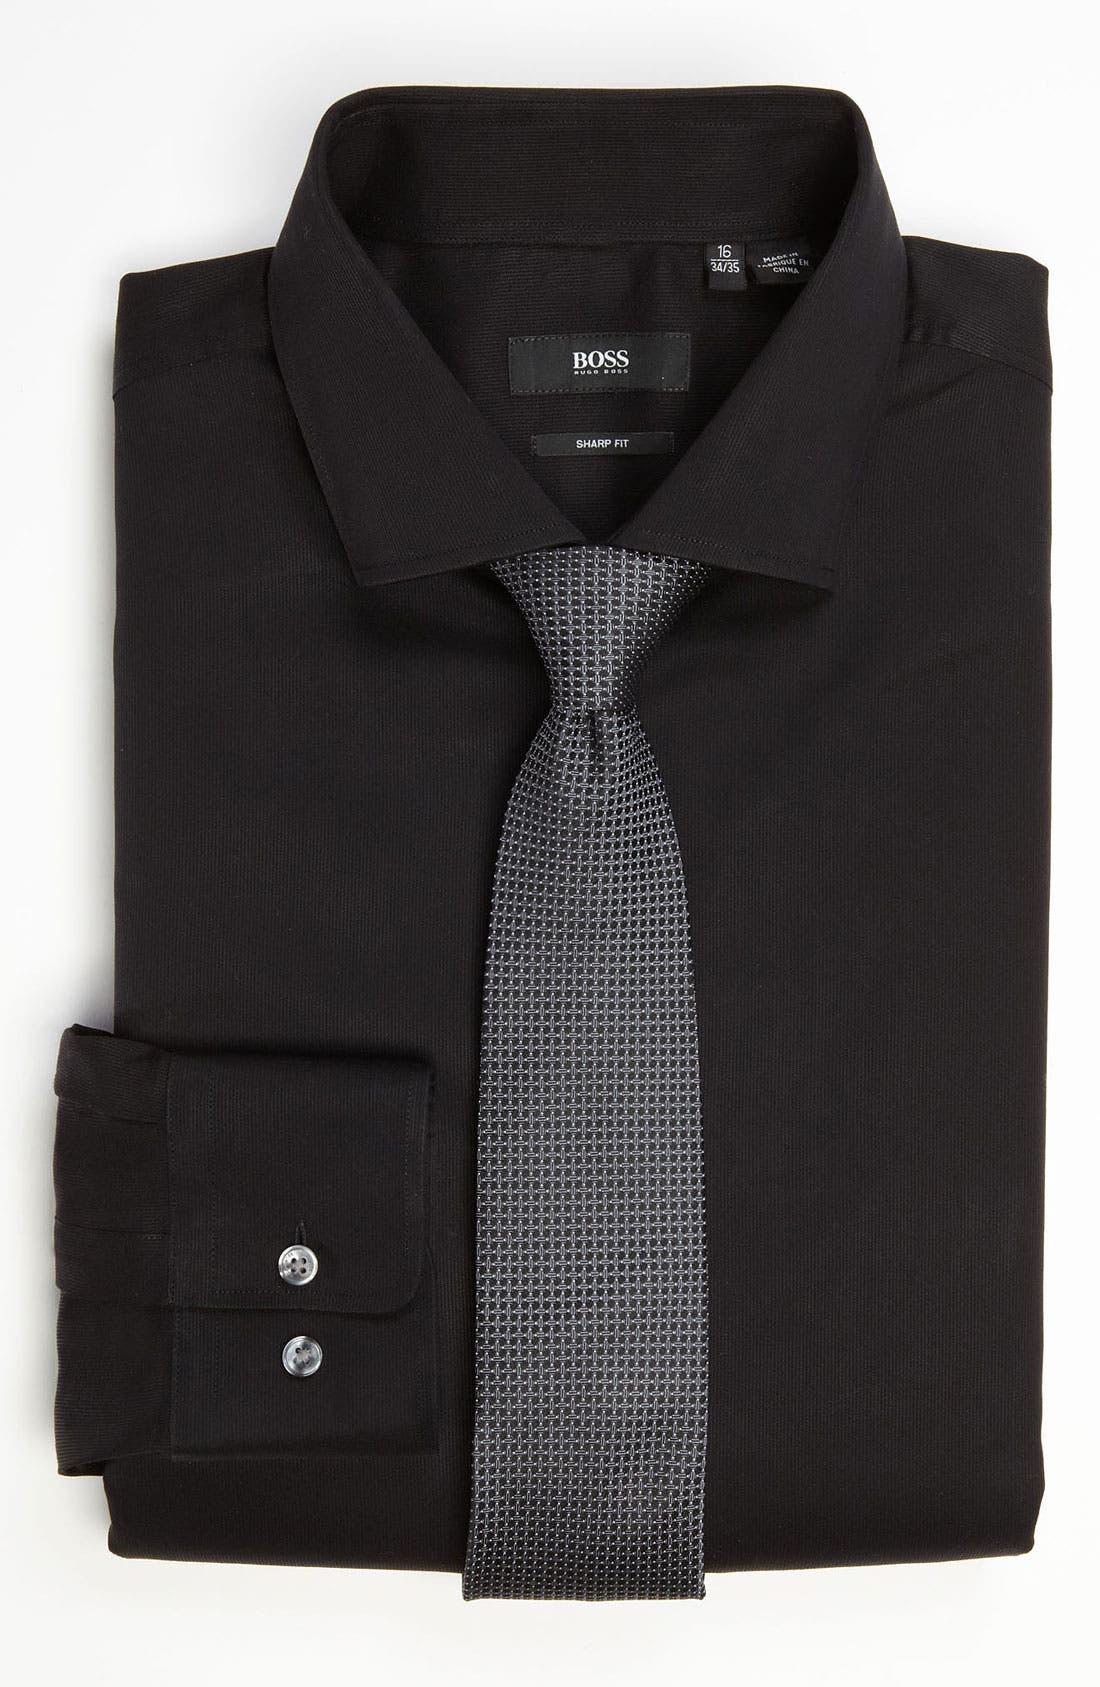 BOSS,                             HUGO BOSS 'Miles' Sharp Fit Tonal Stripe Cotton Dress Shirt,                             Alternate thumbnail 4, color,                             001